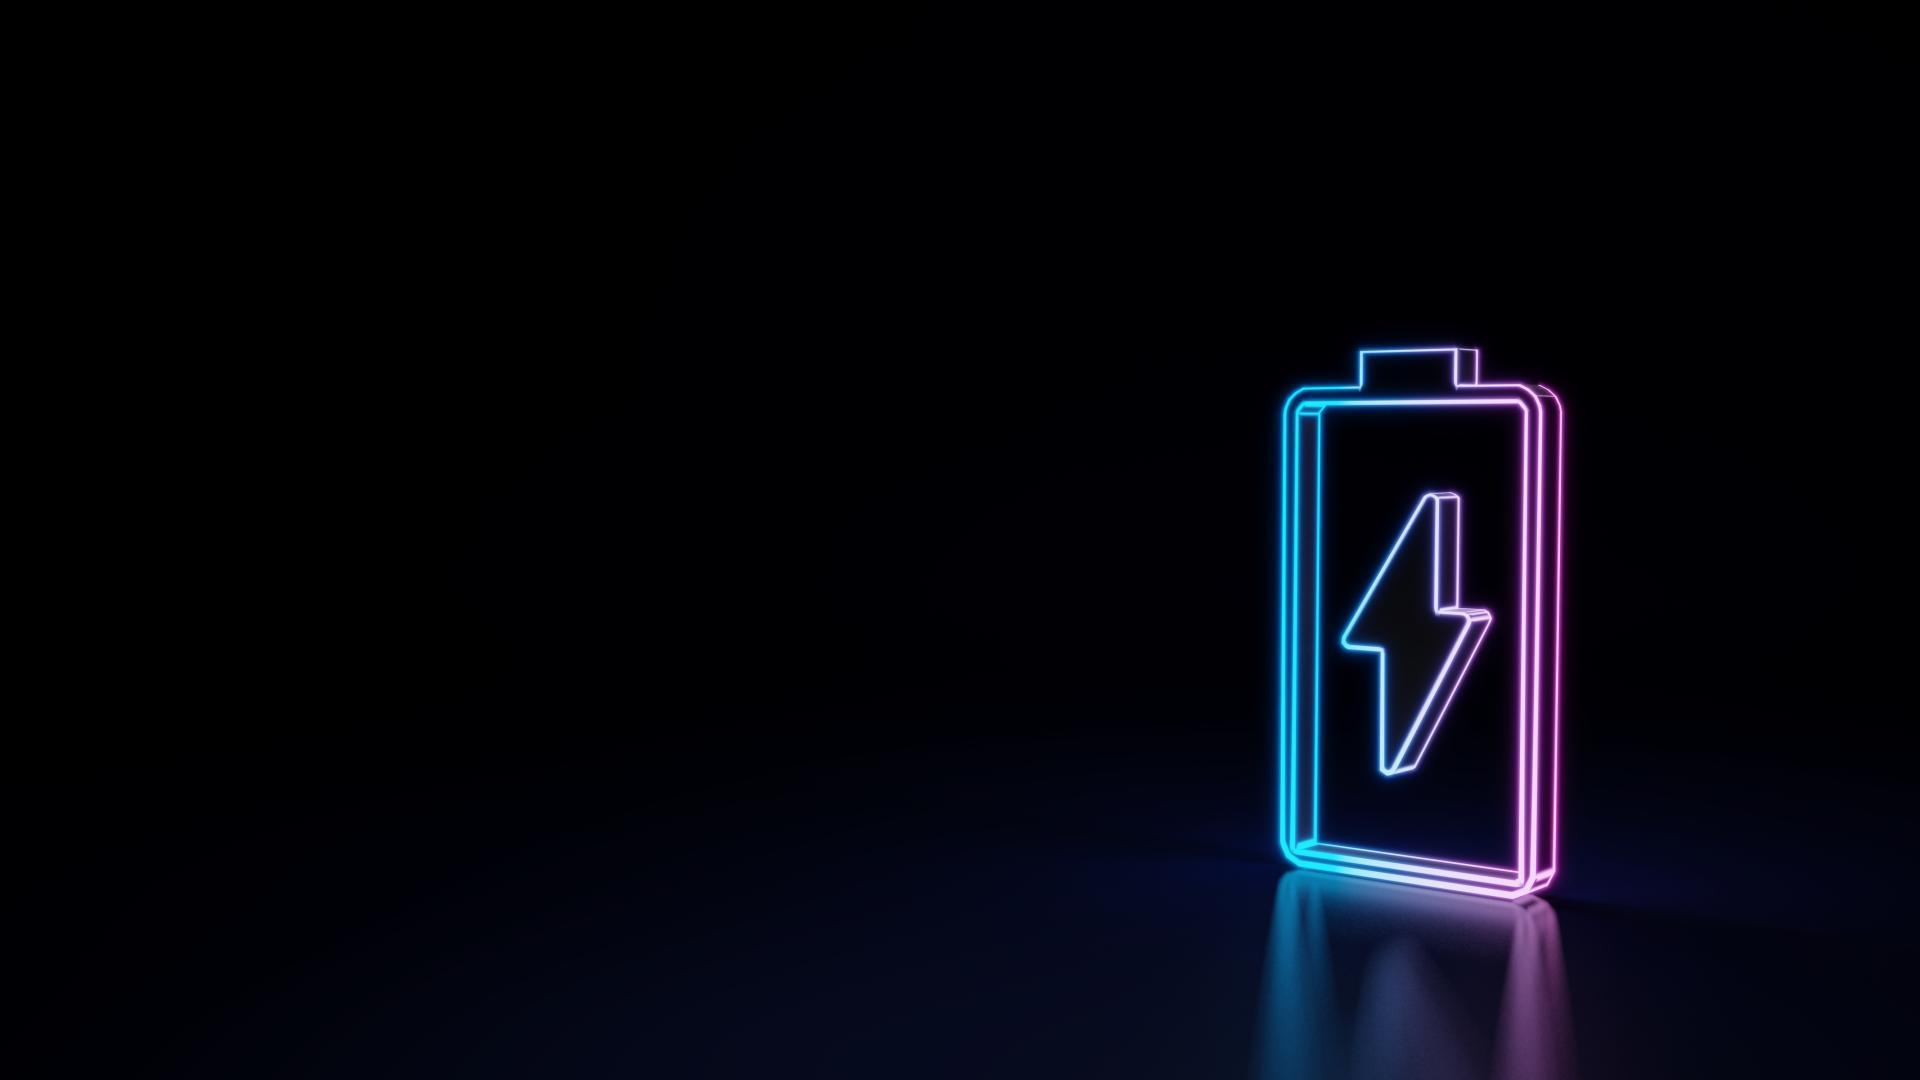 Redox-Flow-Batterien Durchbruch - Kosten von 25 USD/kWh oder weniger